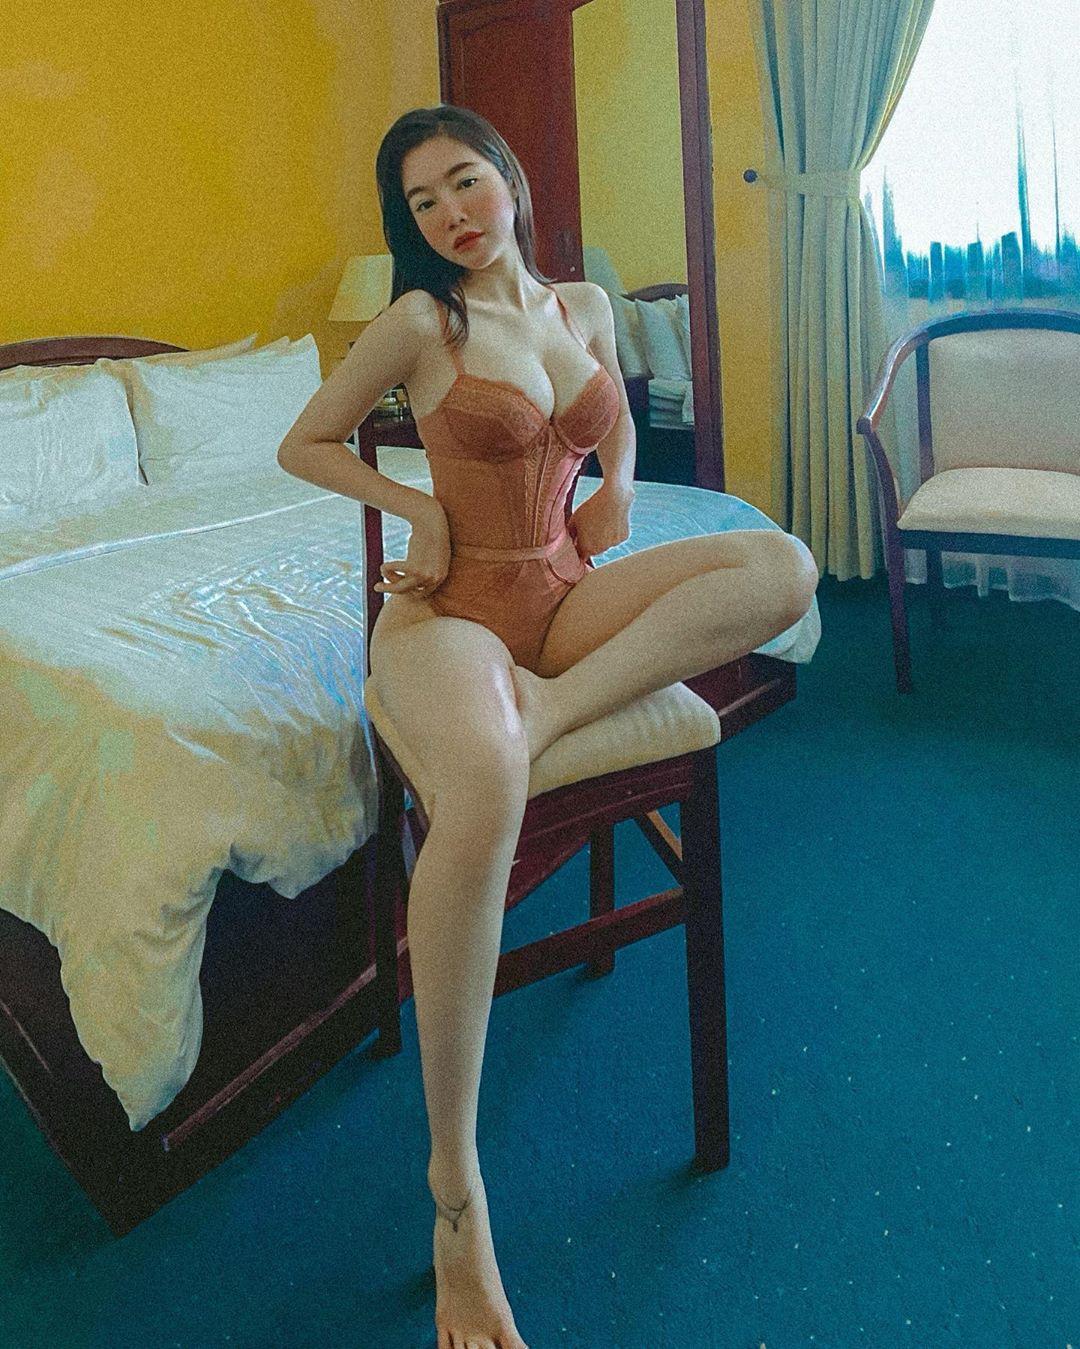 Elly Trần 2 con dáng vẫn đẹp như thiếu nữ - 2